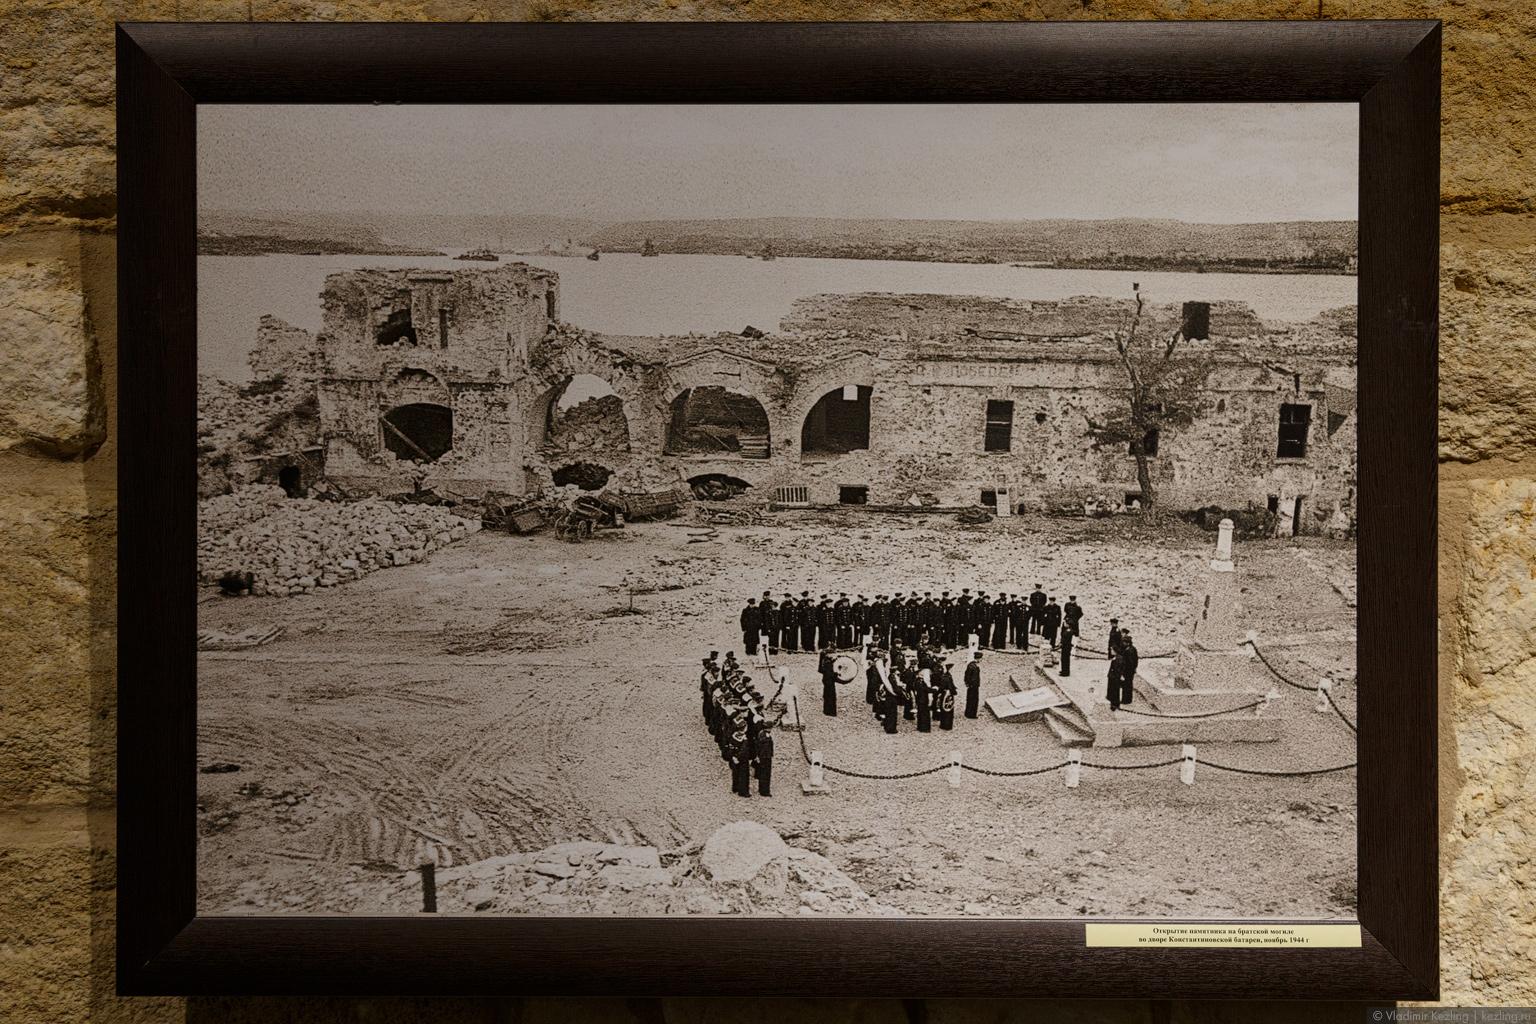 И снова Крым. Константиновская батарея: сохранённая история